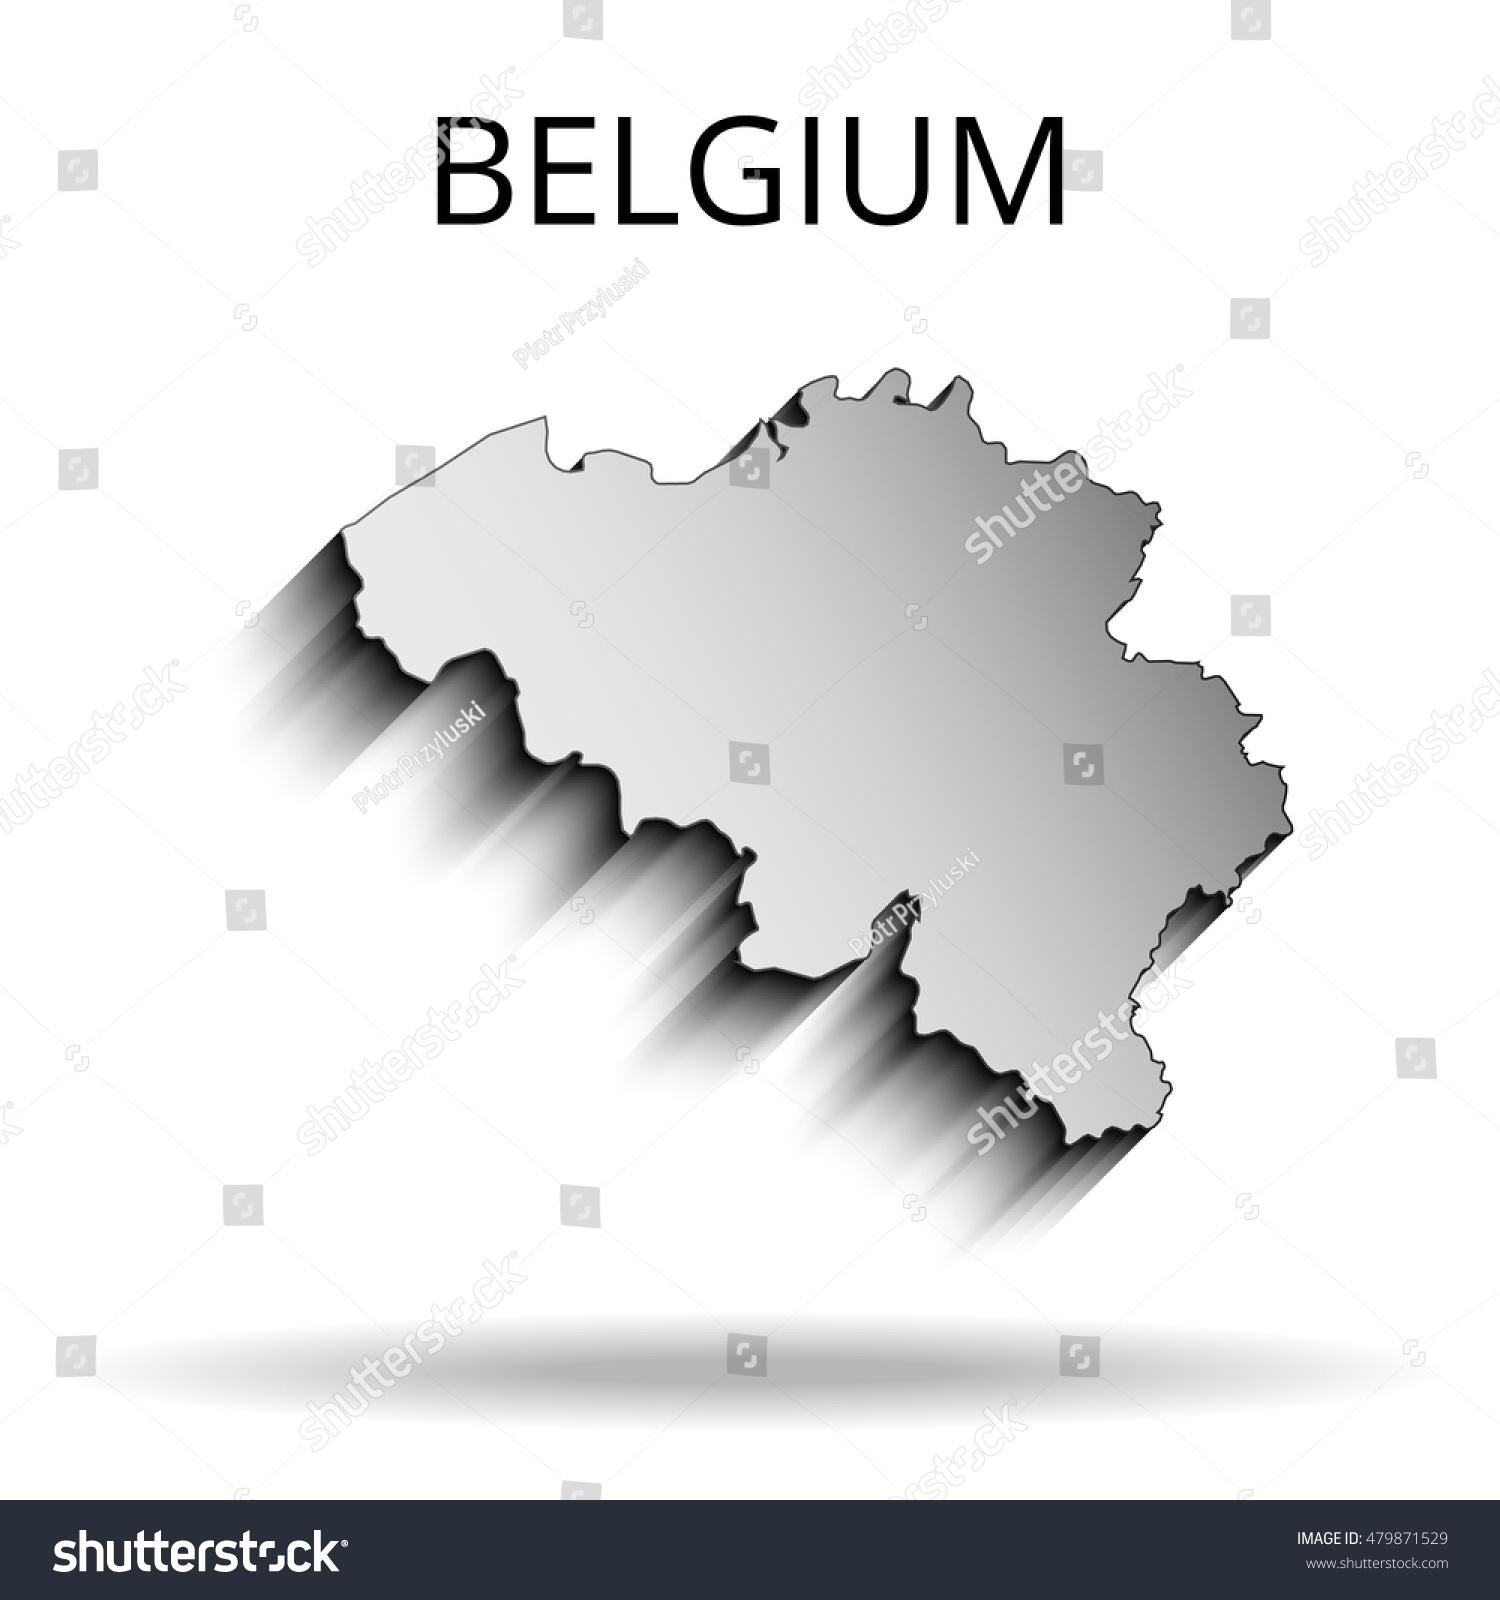 Belgium Map Vector Illustration 479871529 Shutterstock – Belgiummap